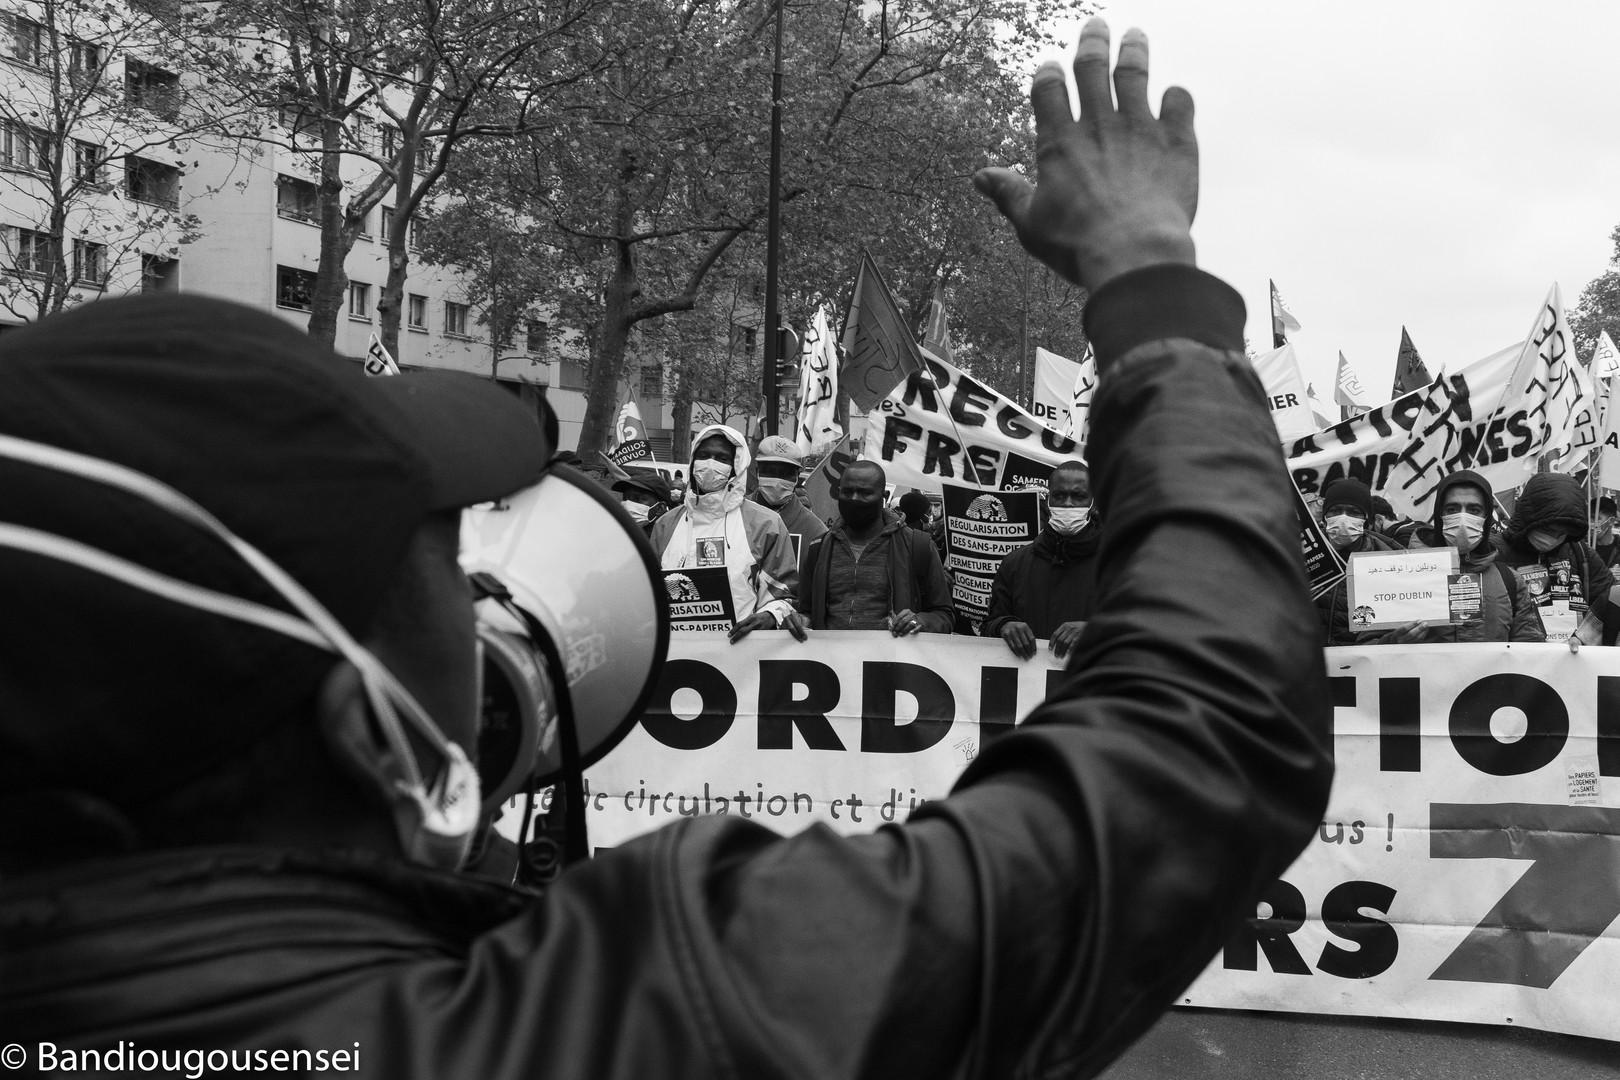 Marche national sans-papier_-11.jpg